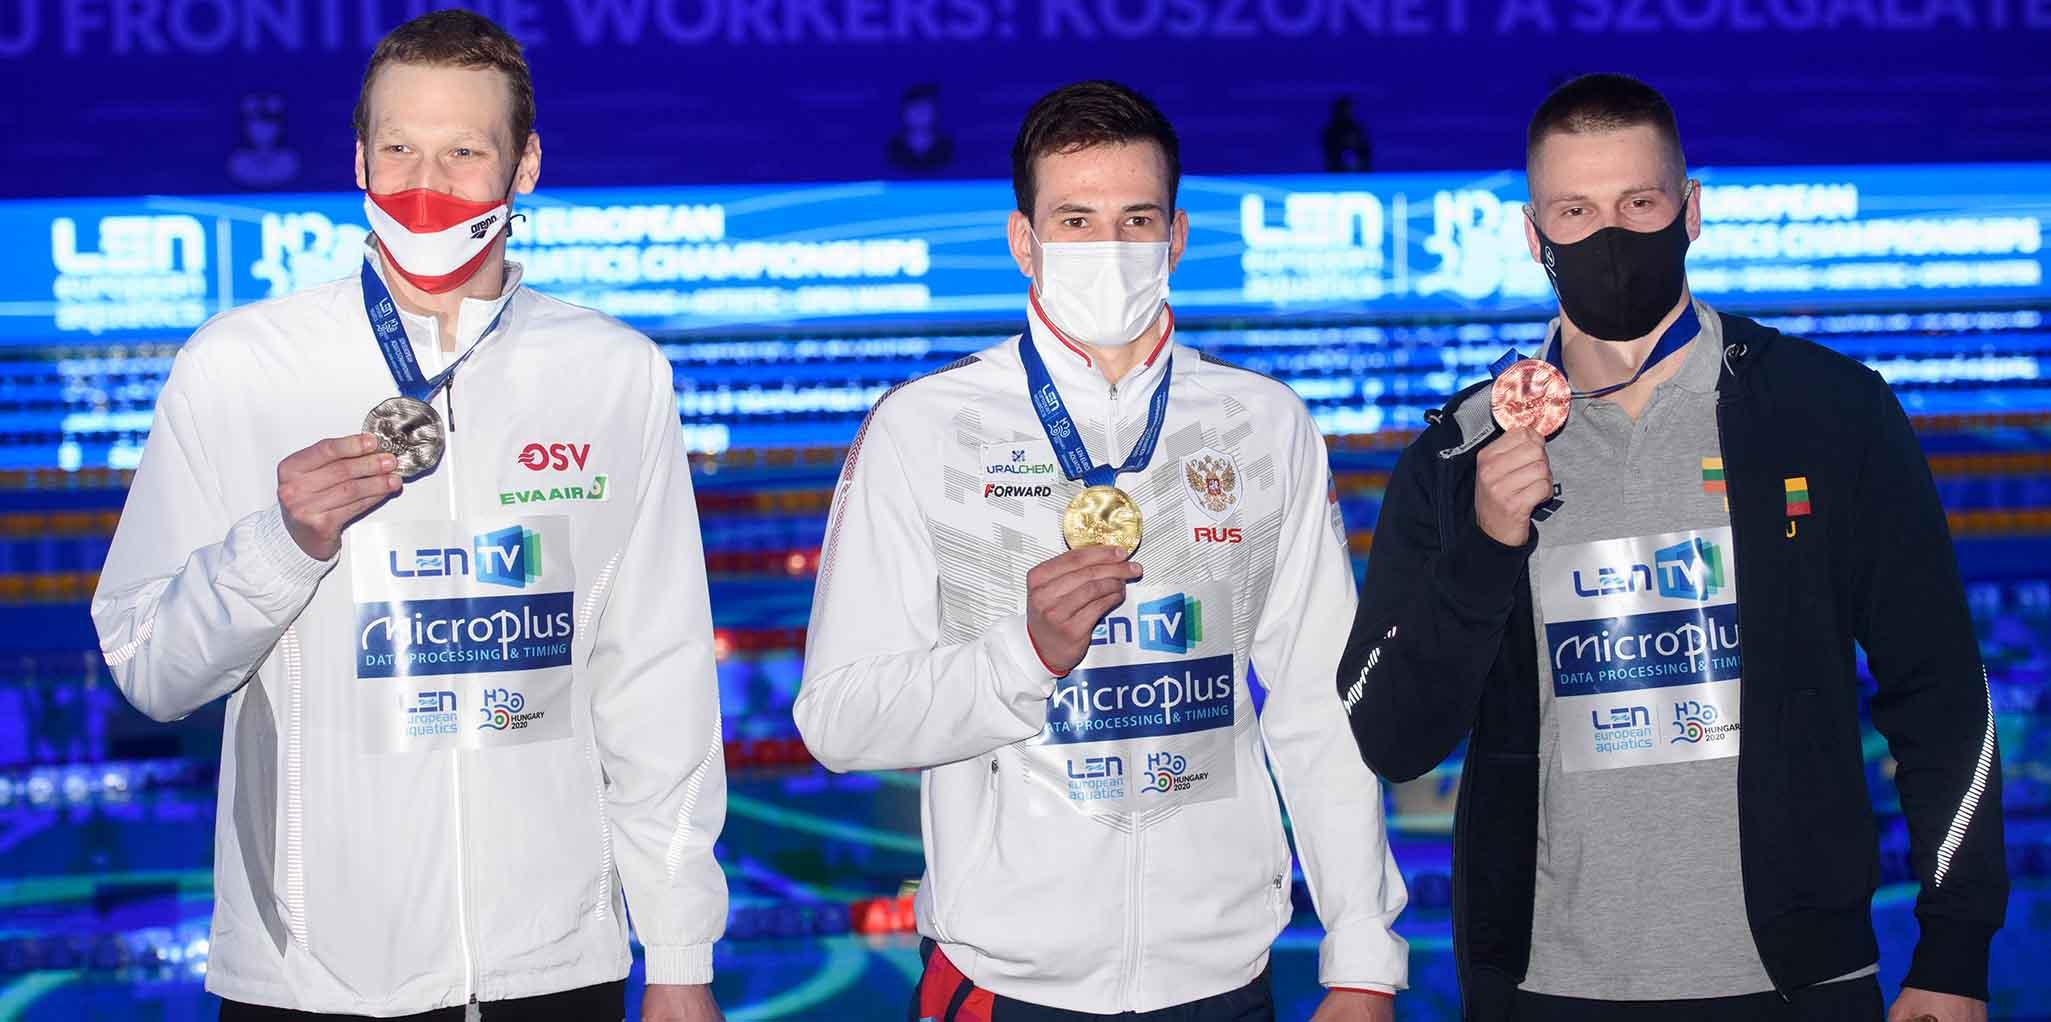 Em Leichtathletik 2021 Medaillenspiegel